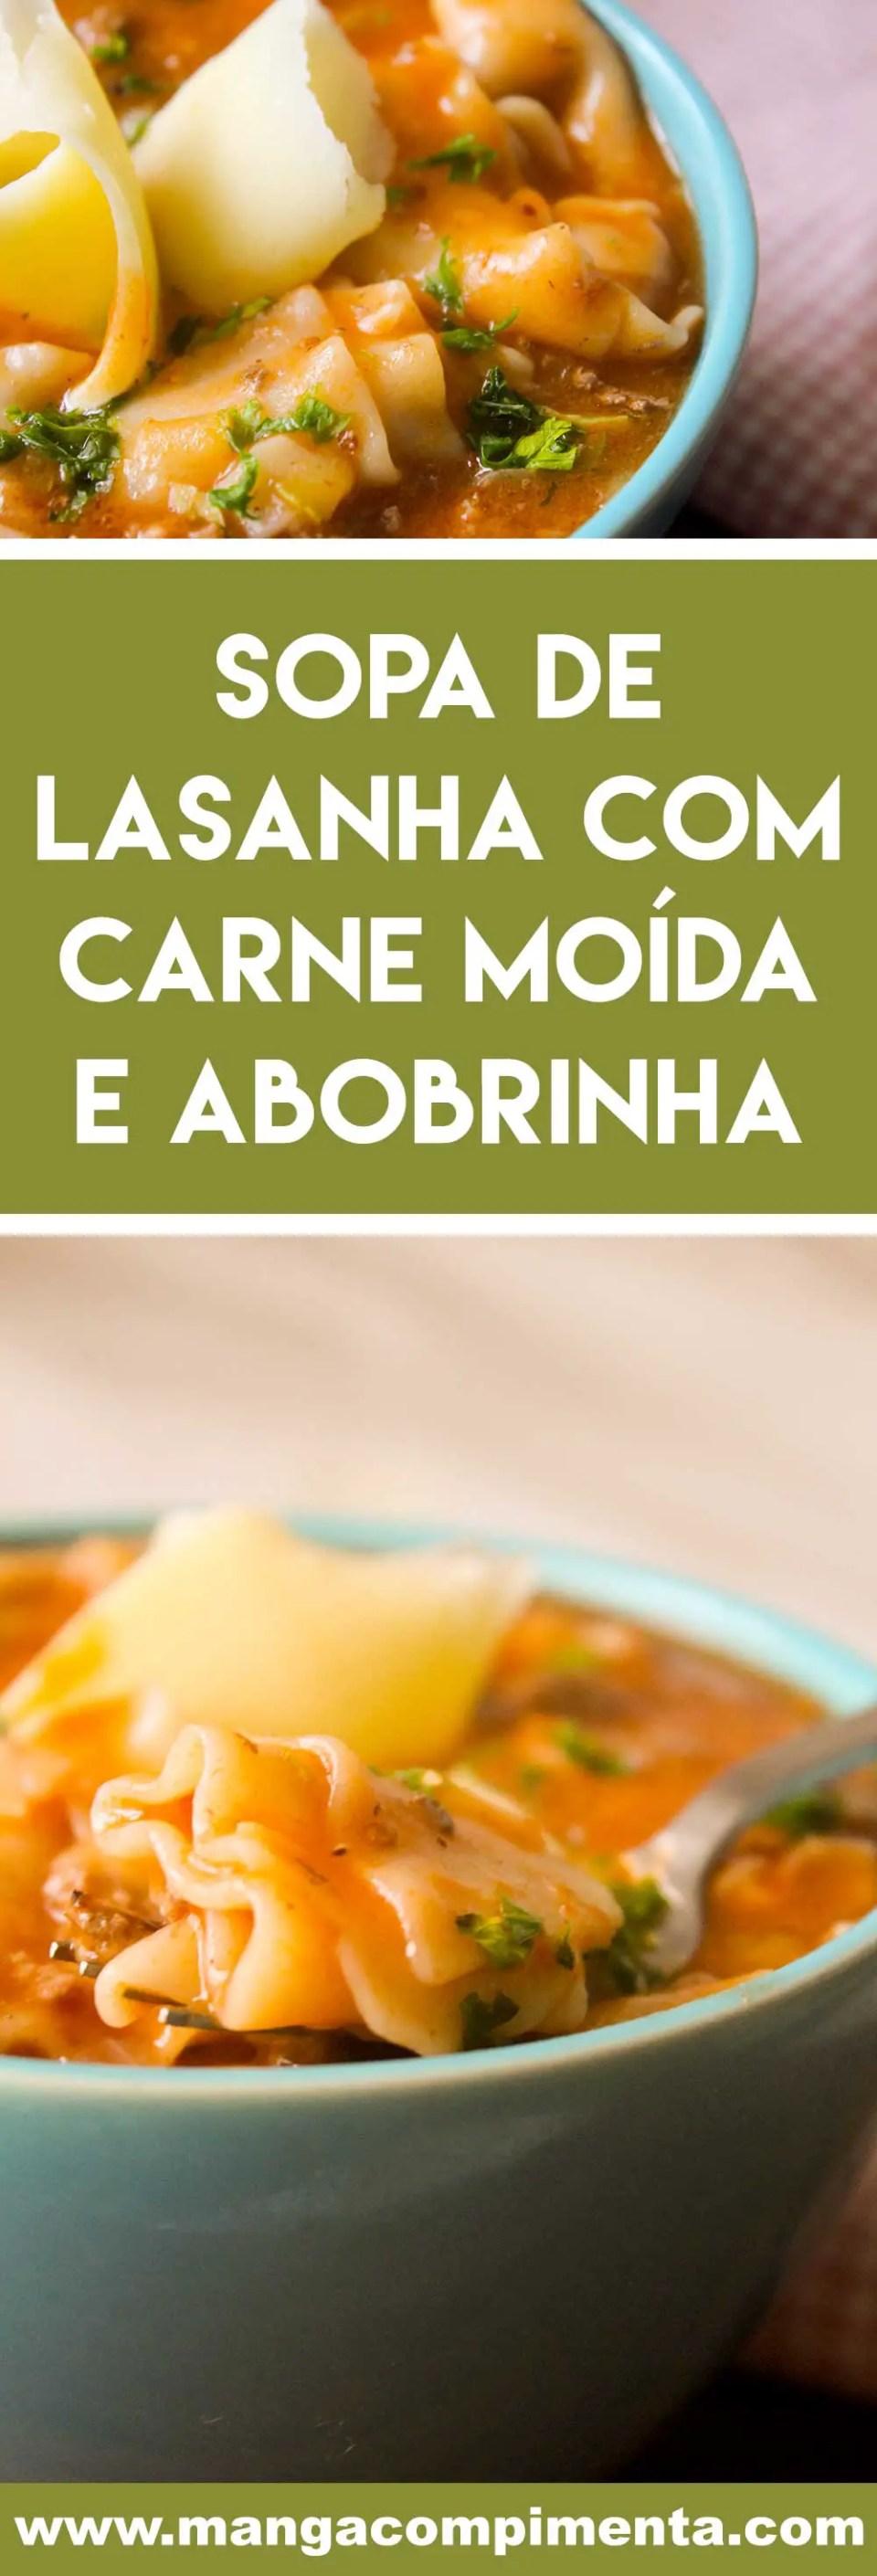 Receita de Sopa de Lasanha - aproveite os dias frios para preparar um prato quentinho, fácil e delicioso para o jantar!